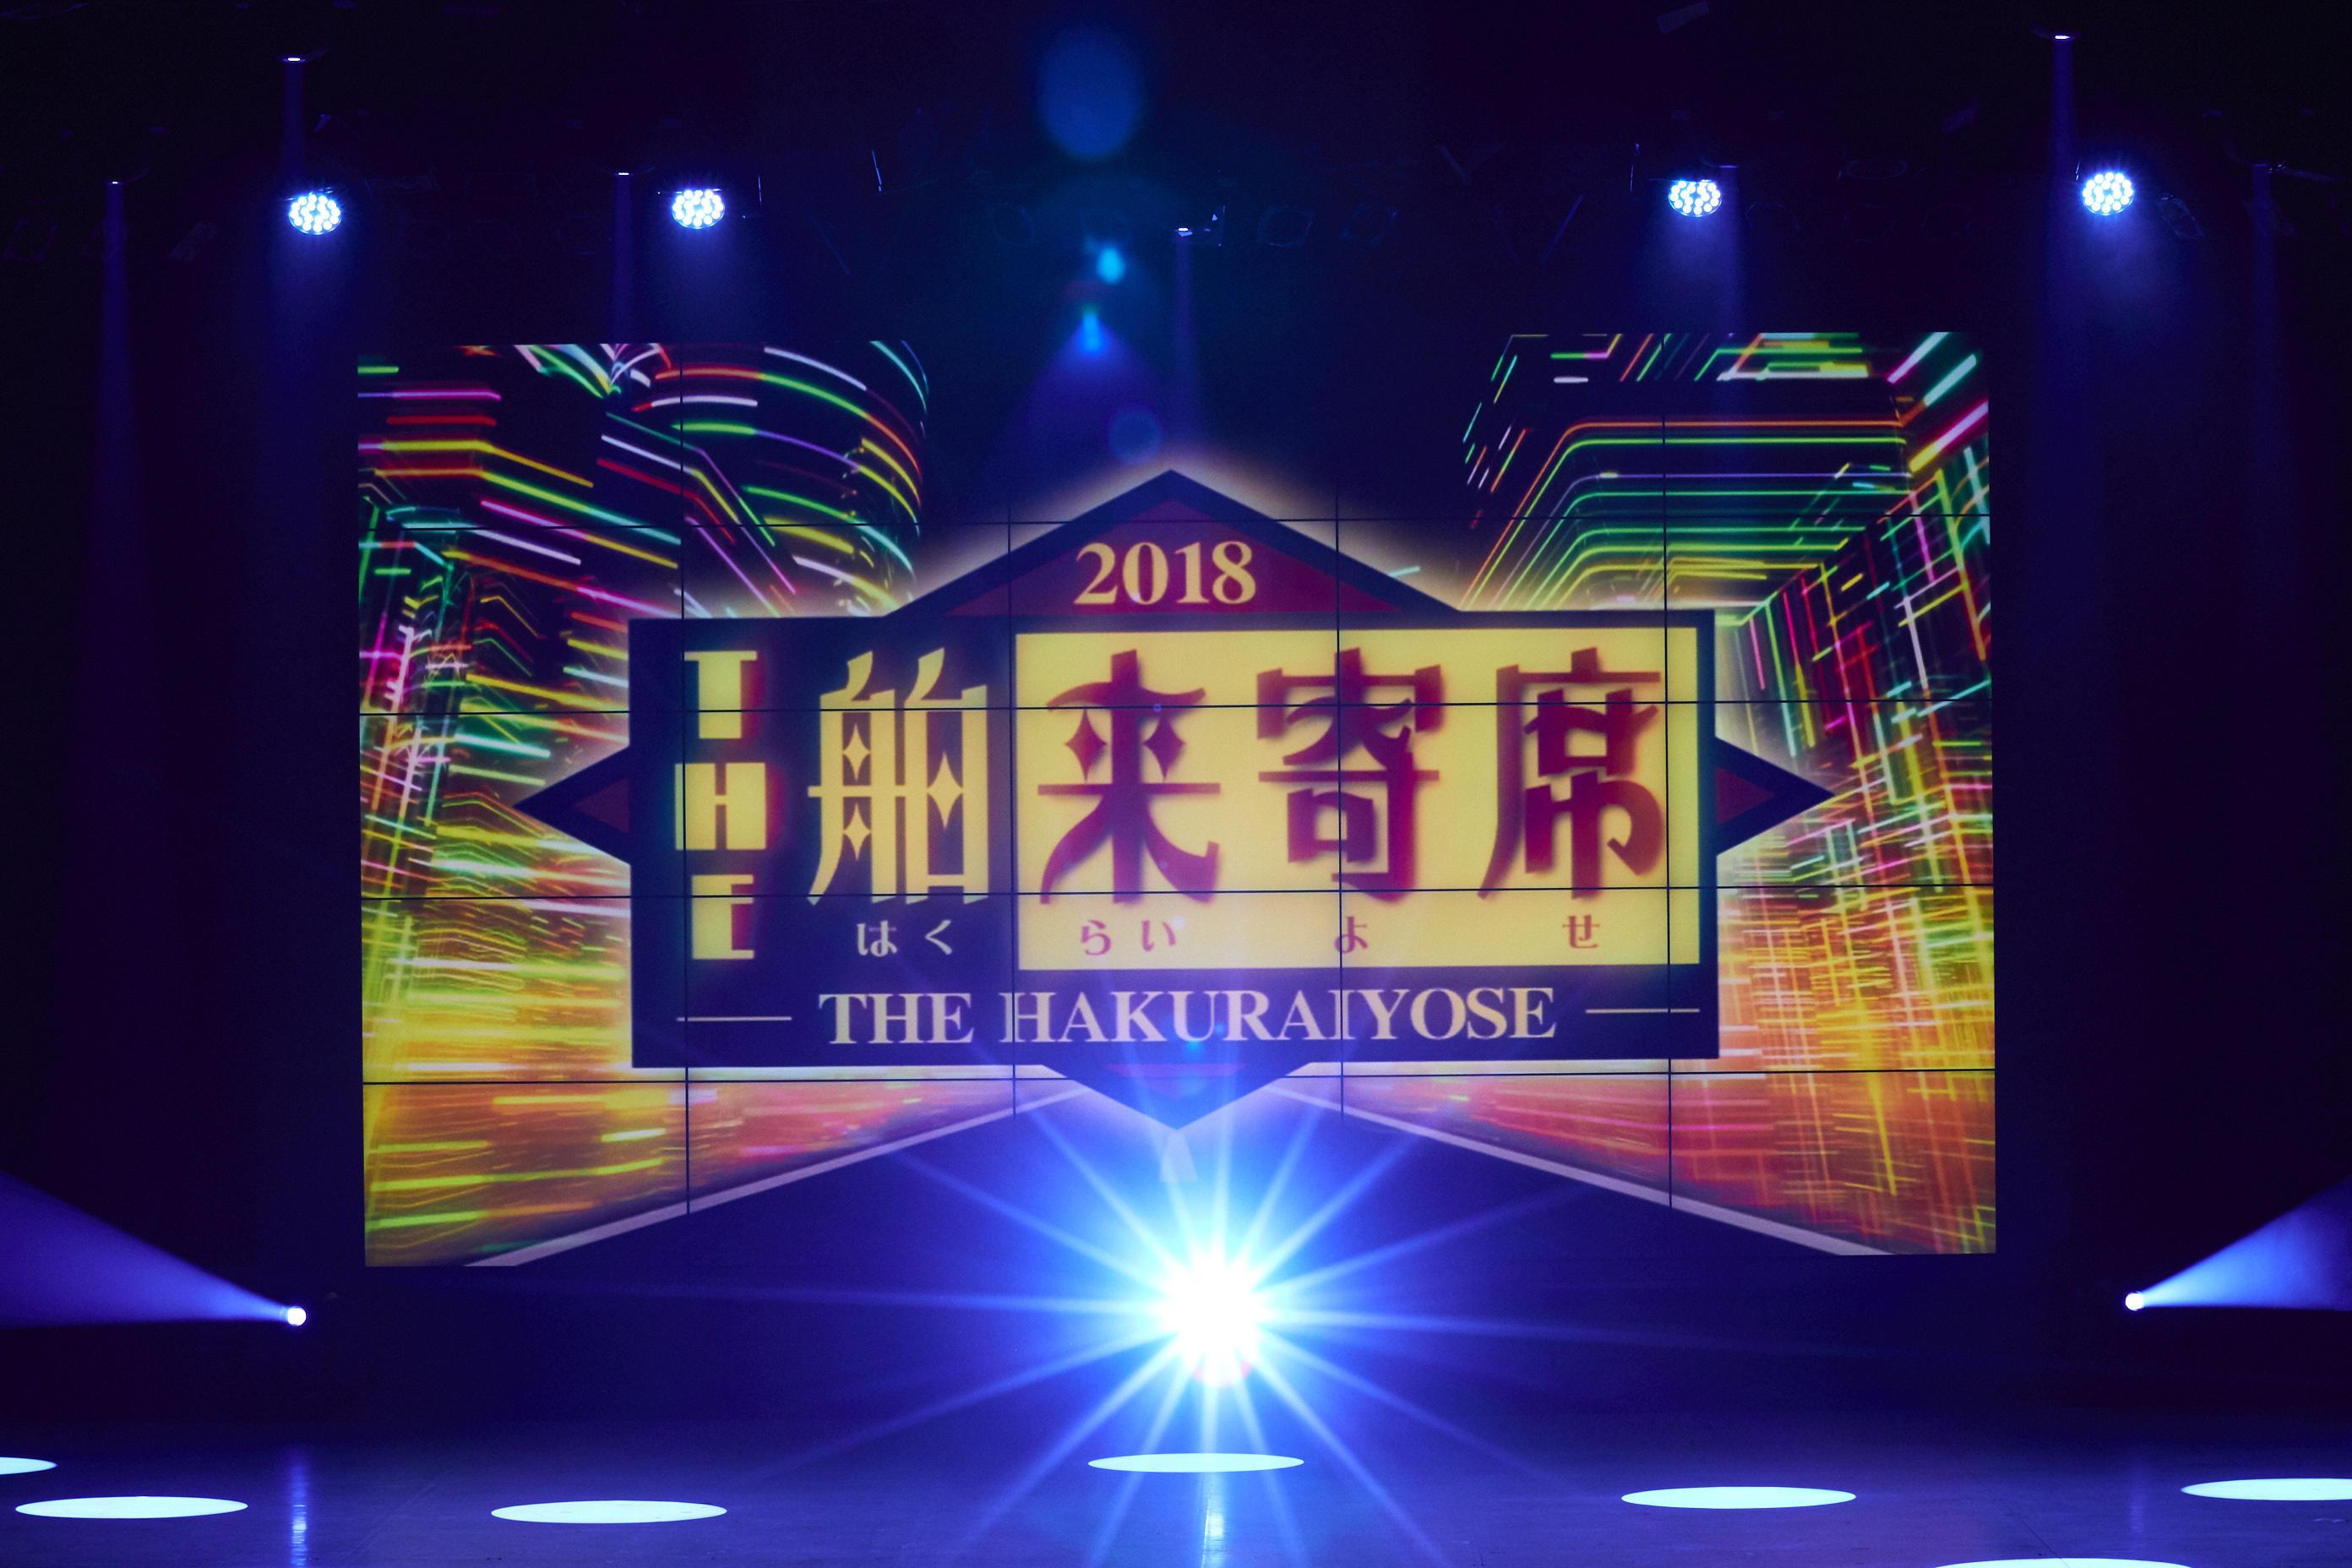 http://news.yoshimoto.co.jp/20180615091205-a05ead6cc7b89895016e4e2c5d3f330861acacad.jpg